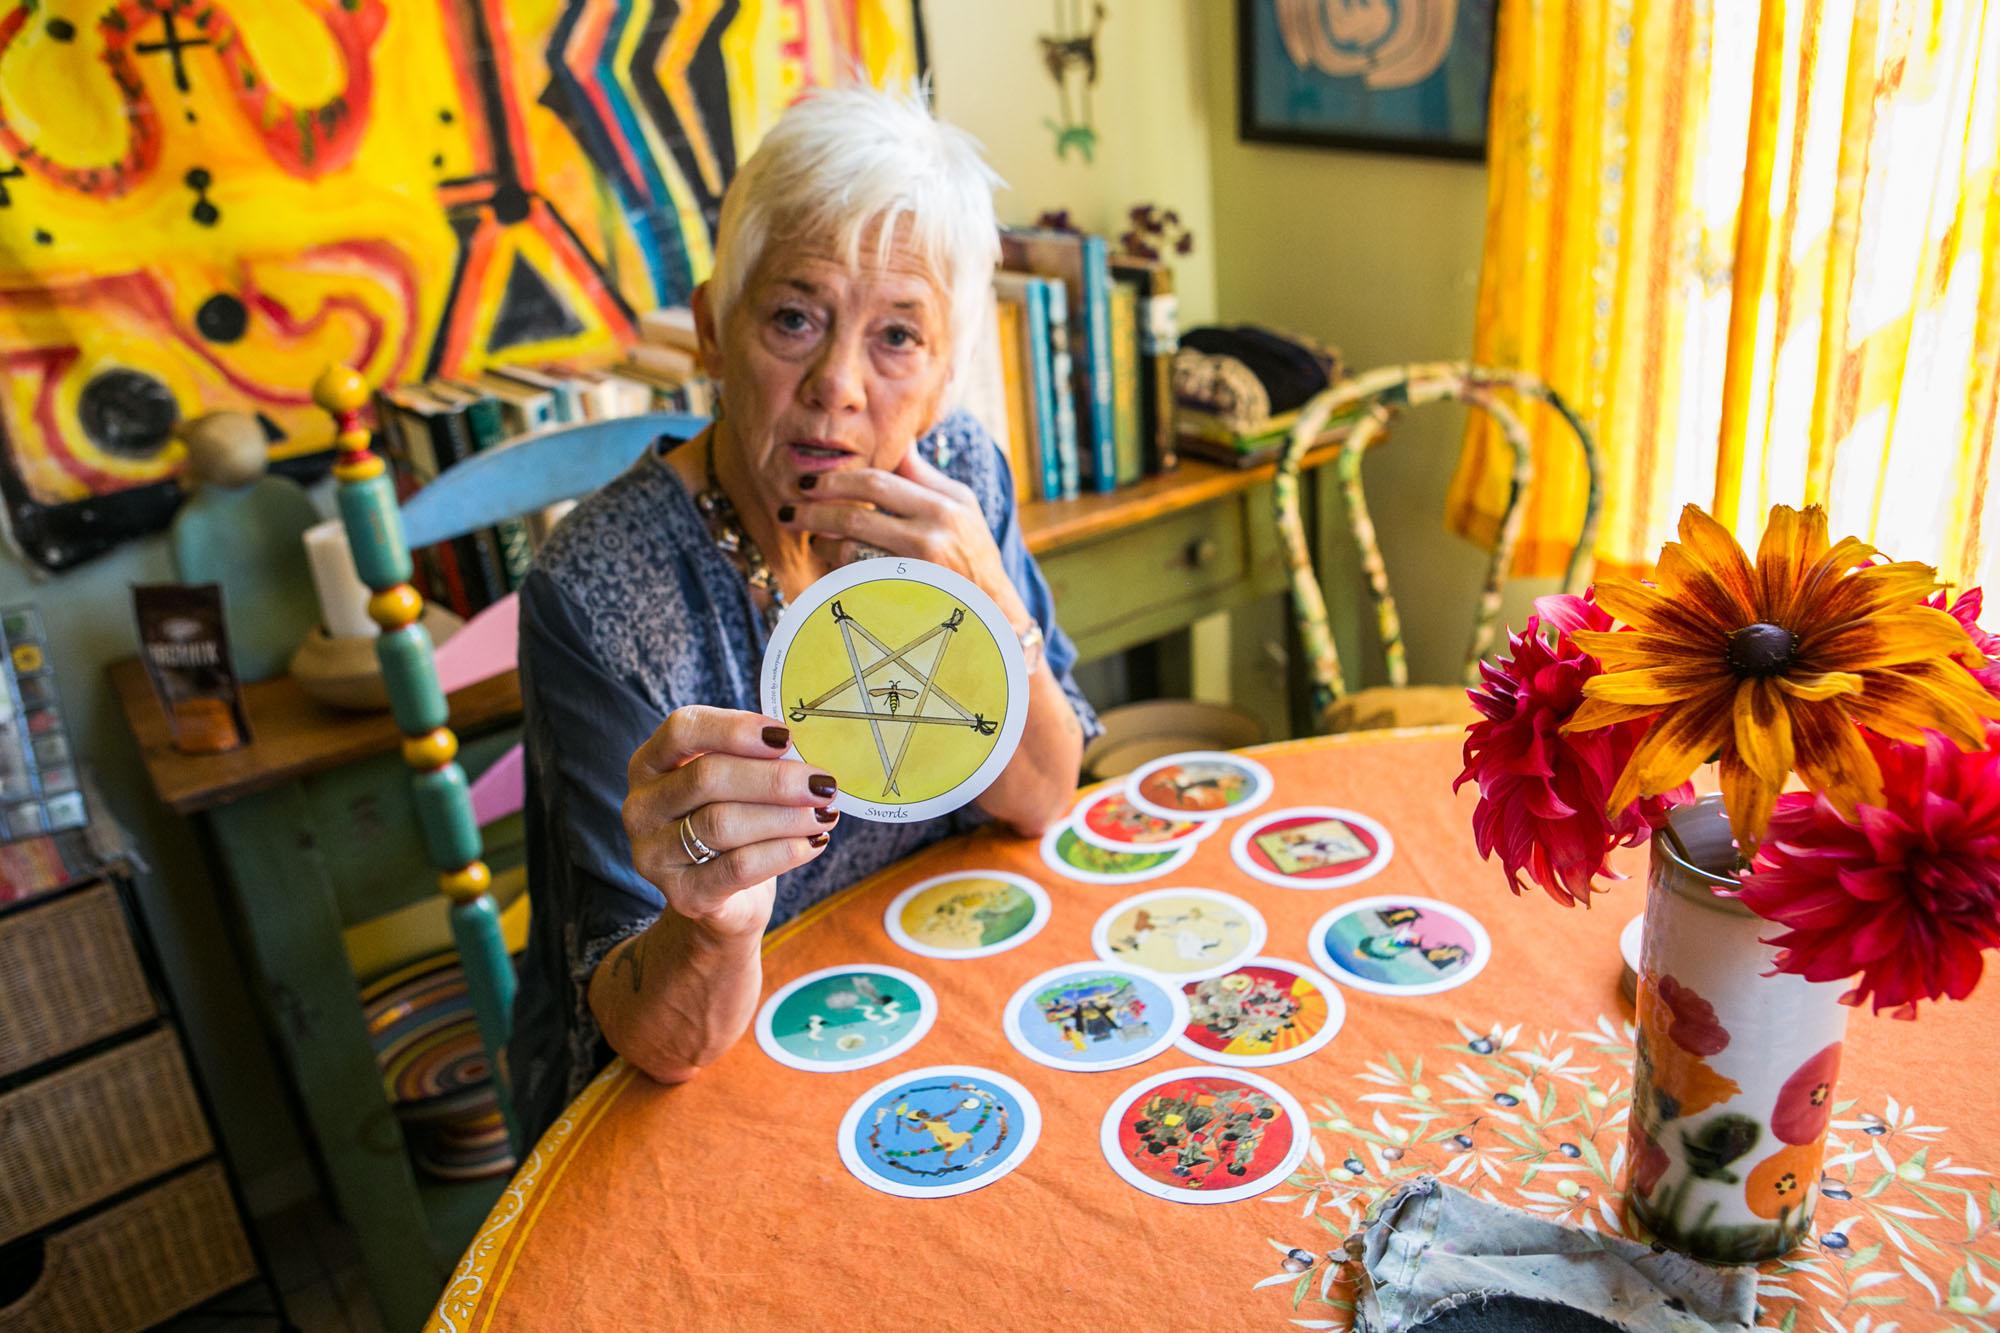 VickiNoble-tarot-card-reading-branding-photos.jpg